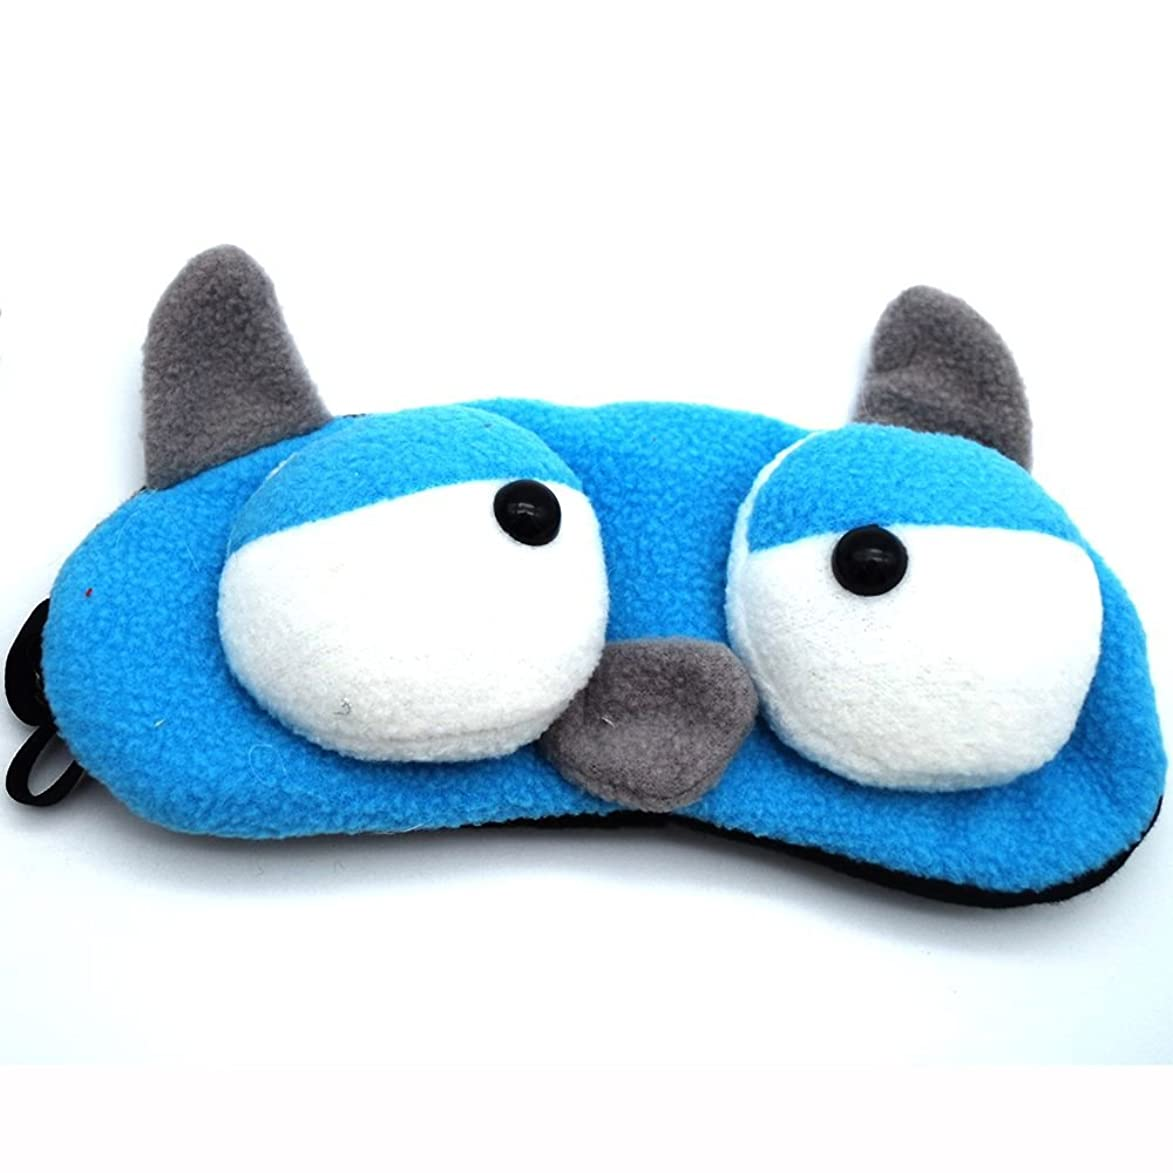 れんが普通に主権者NOTE 1ピースかわいい動物睡眠アイマスクパッド入りシェードカバーフランネル睡眠マスク休息旅行リラックス睡眠補助目隠しカバーアイパット